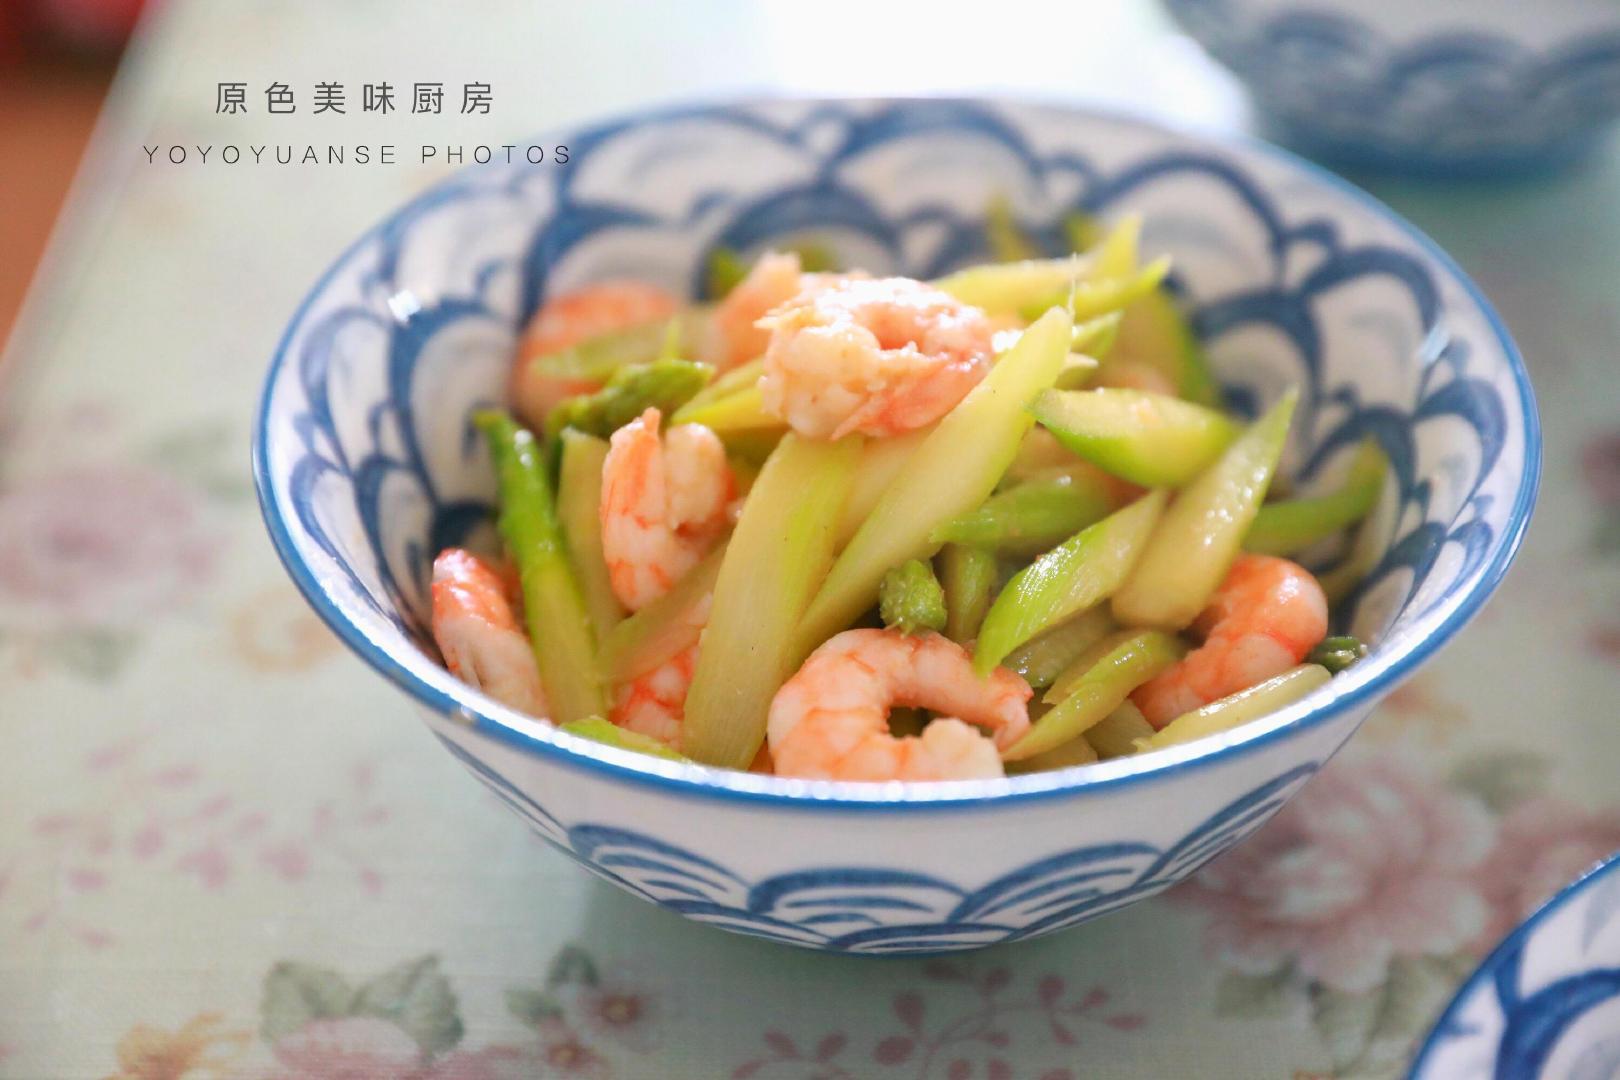 它被称为蔬菜之王,这么简单一炒鲜香滑嫩,吃一次就忘不了